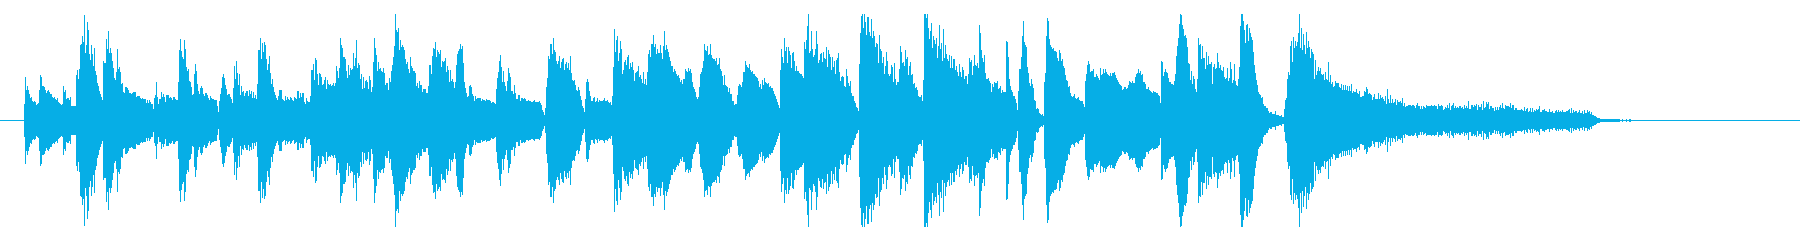 ジングル ジャズピアノ9の再生済みの波形